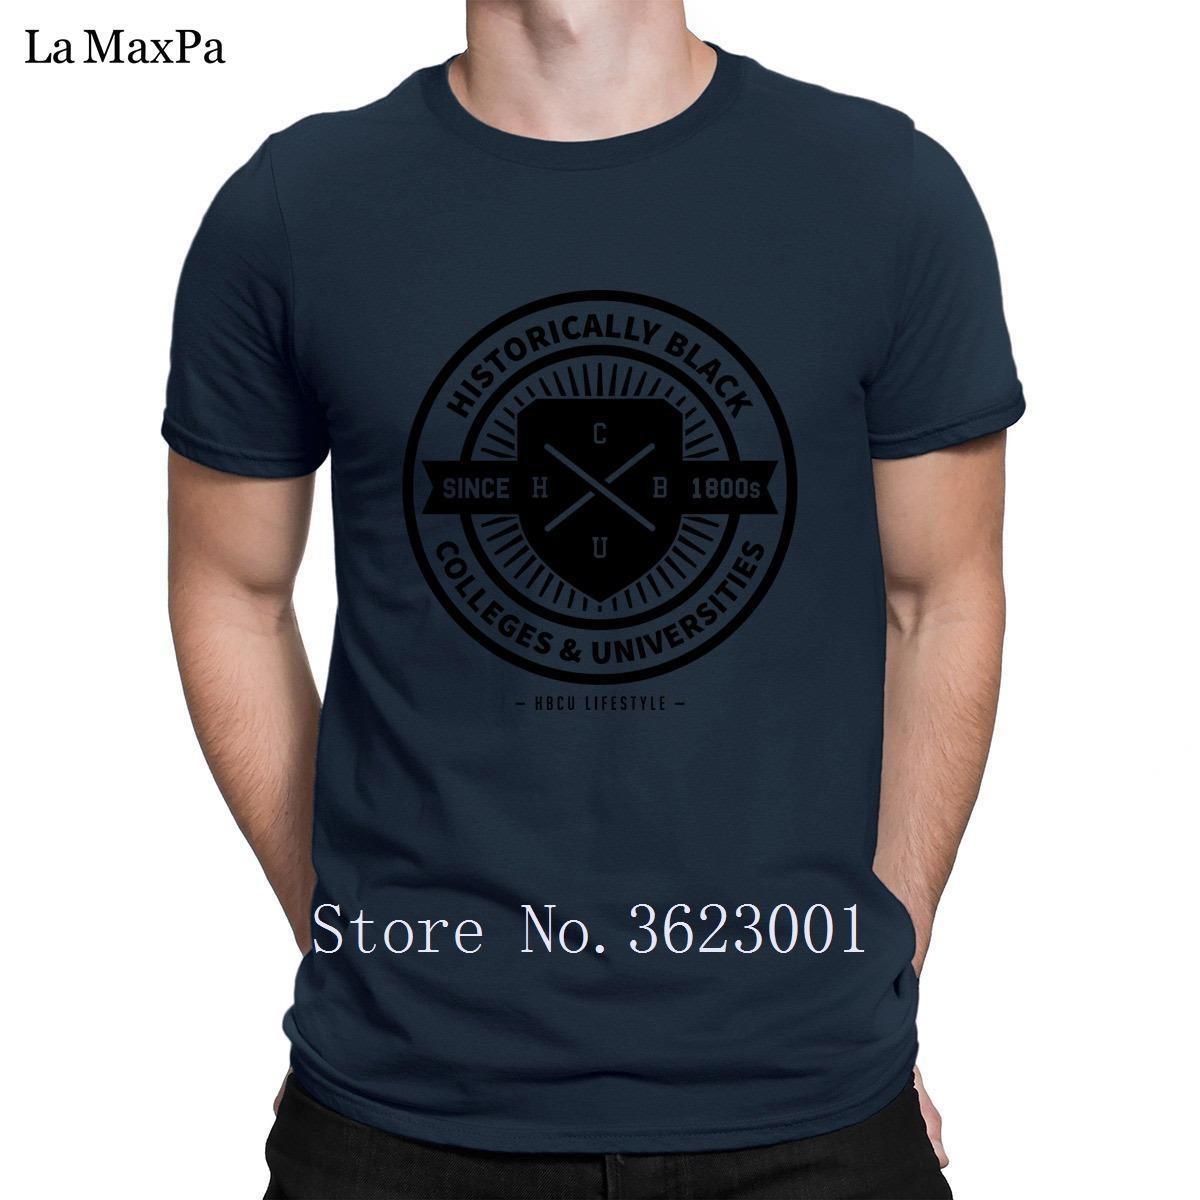 La construcción de la camiseta para hombre impresionante Históricamente Negro Ropa de Hombre Funky camisetas para los hombres de cuello redondo de la venta caliente